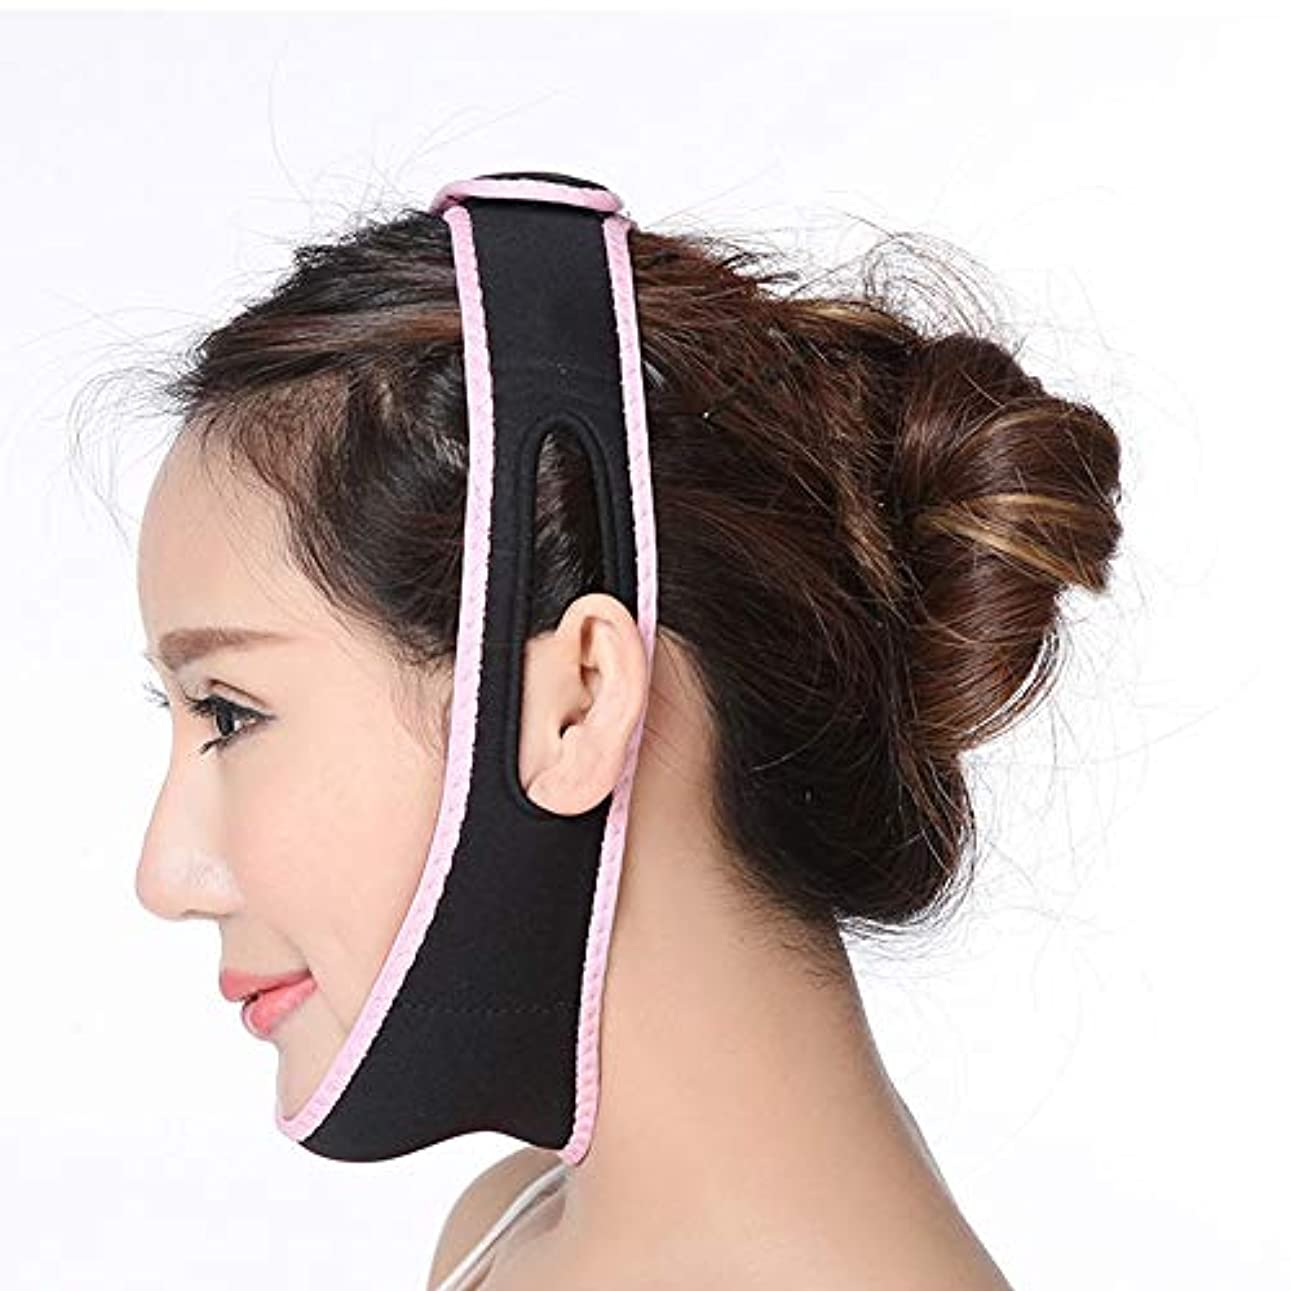 ページ偏心吐き出すJia Jia- フェイスリフティングアーティファクト3D薄型フェイス付き薄型シンフェイスマスク小型Vフェイス包帯二重あごフェイスリフティングデバイスリフティングファーミング - ブラック 顔面包帯